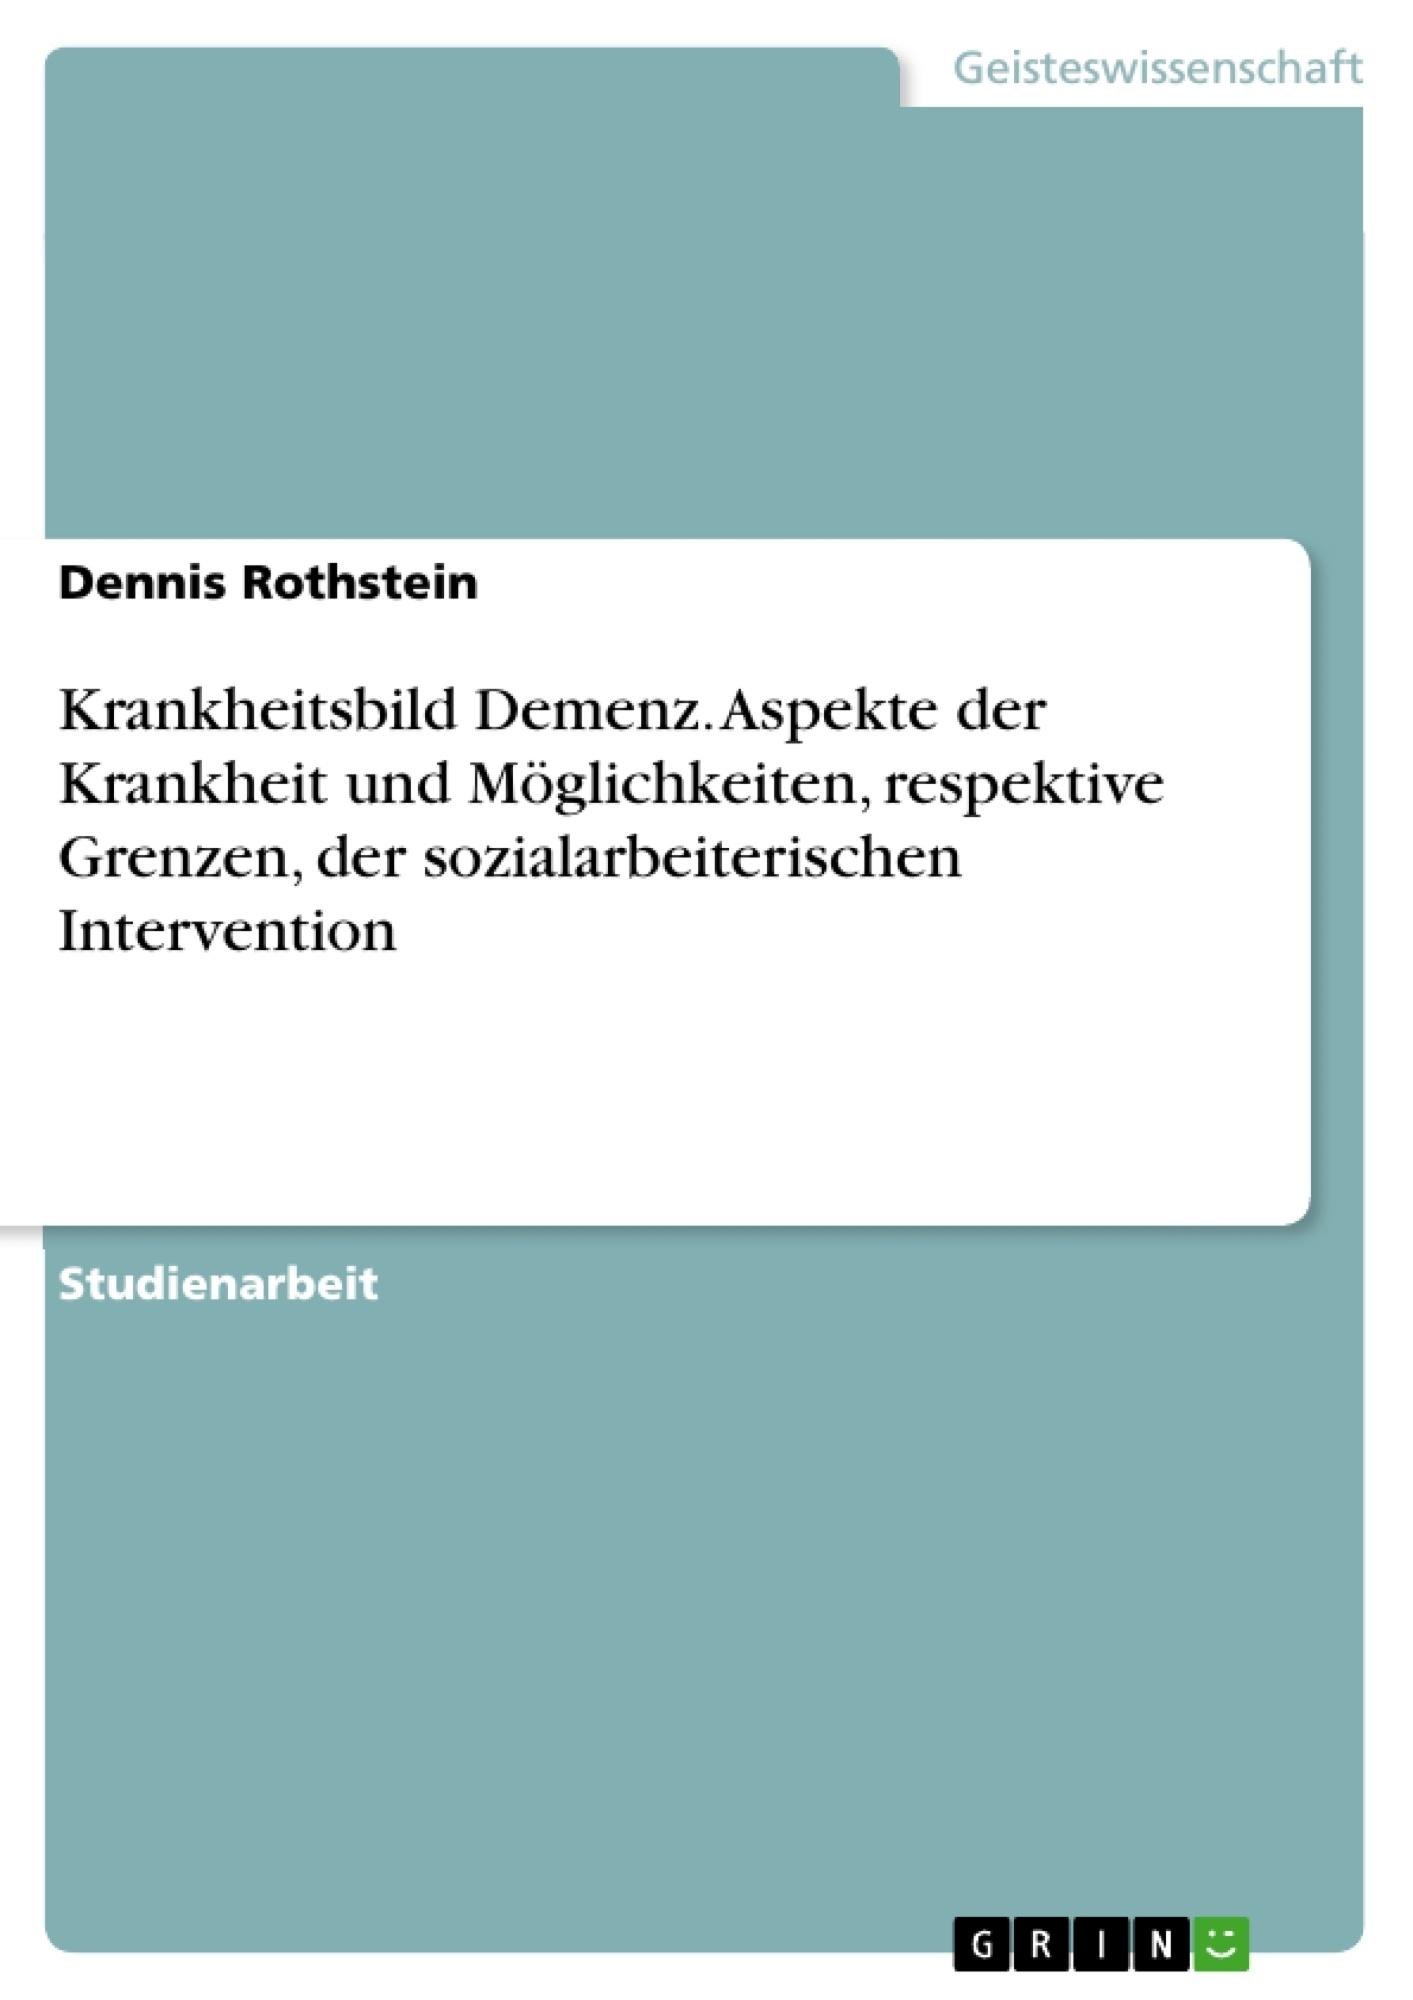 Titel: Krankheitsbild Demenz. Aspekte der Krankheit und Möglichkeiten, respektive Grenzen, der sozialarbeiterischen Intervention